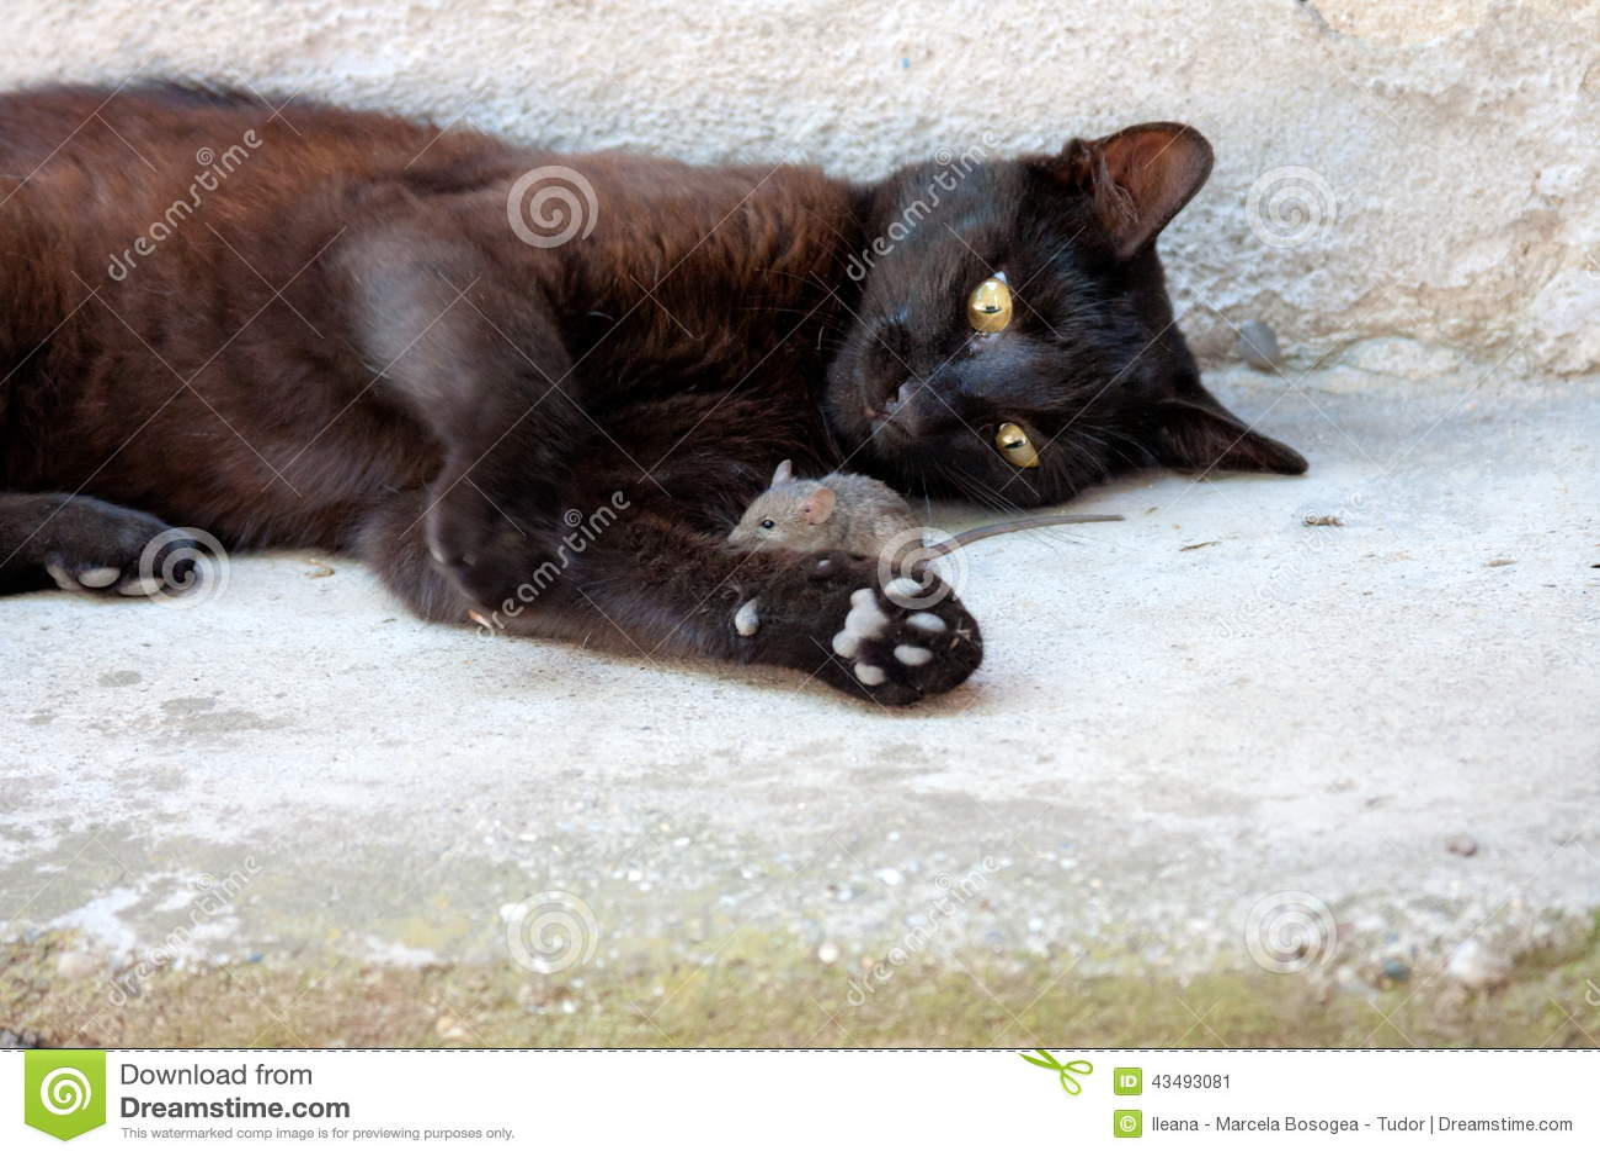 chat noir et souris dans un chasseur relation de proie image stock image du habitat. Black Bedroom Furniture Sets. Home Design Ideas